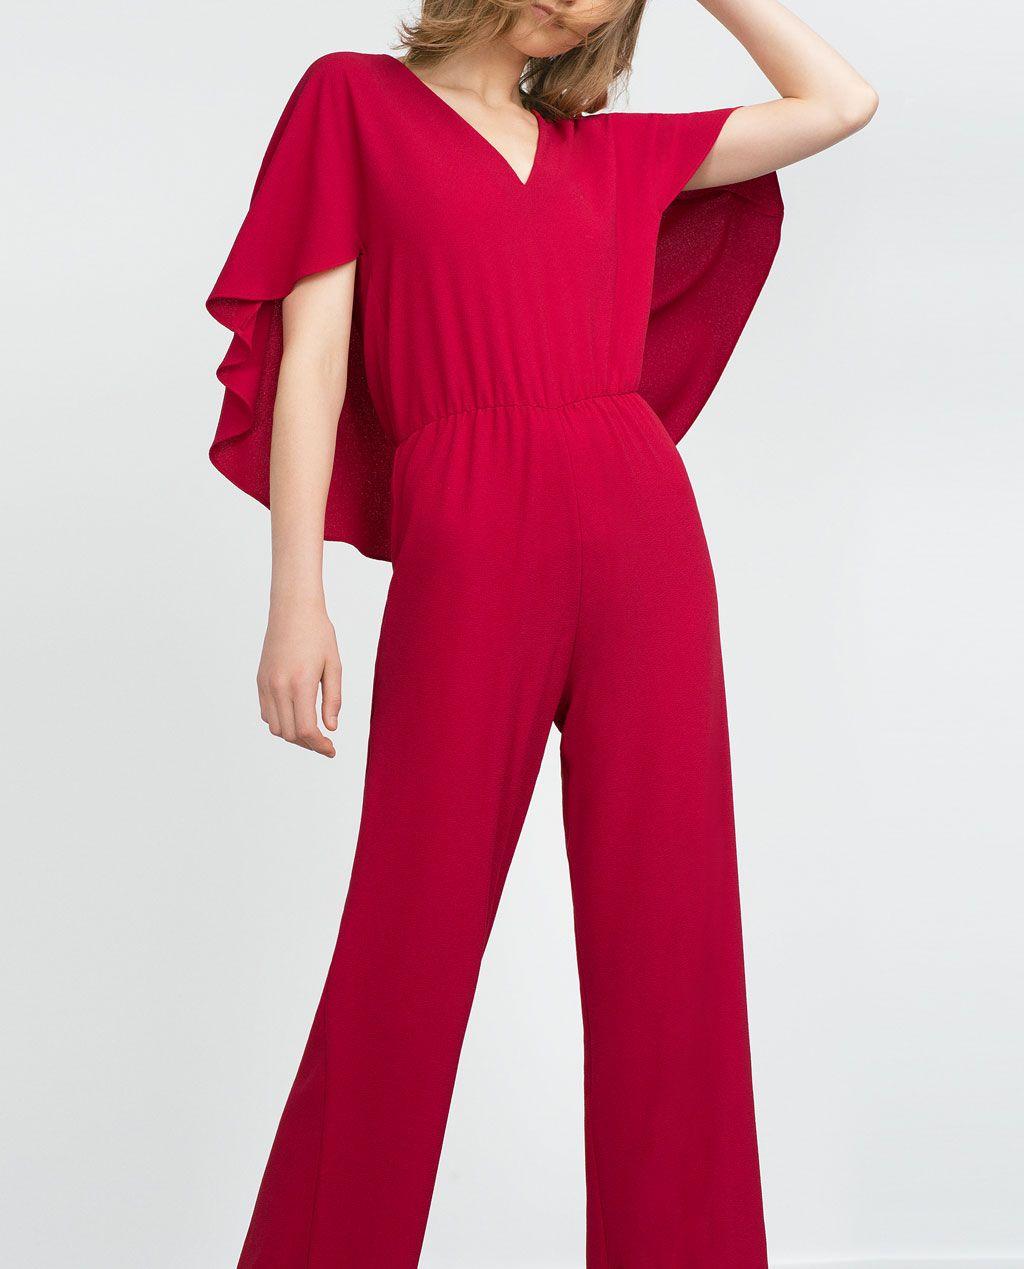 zara collection aw15 combinaison manches chauve souris et col en v mode lingerie. Black Bedroom Furniture Sets. Home Design Ideas